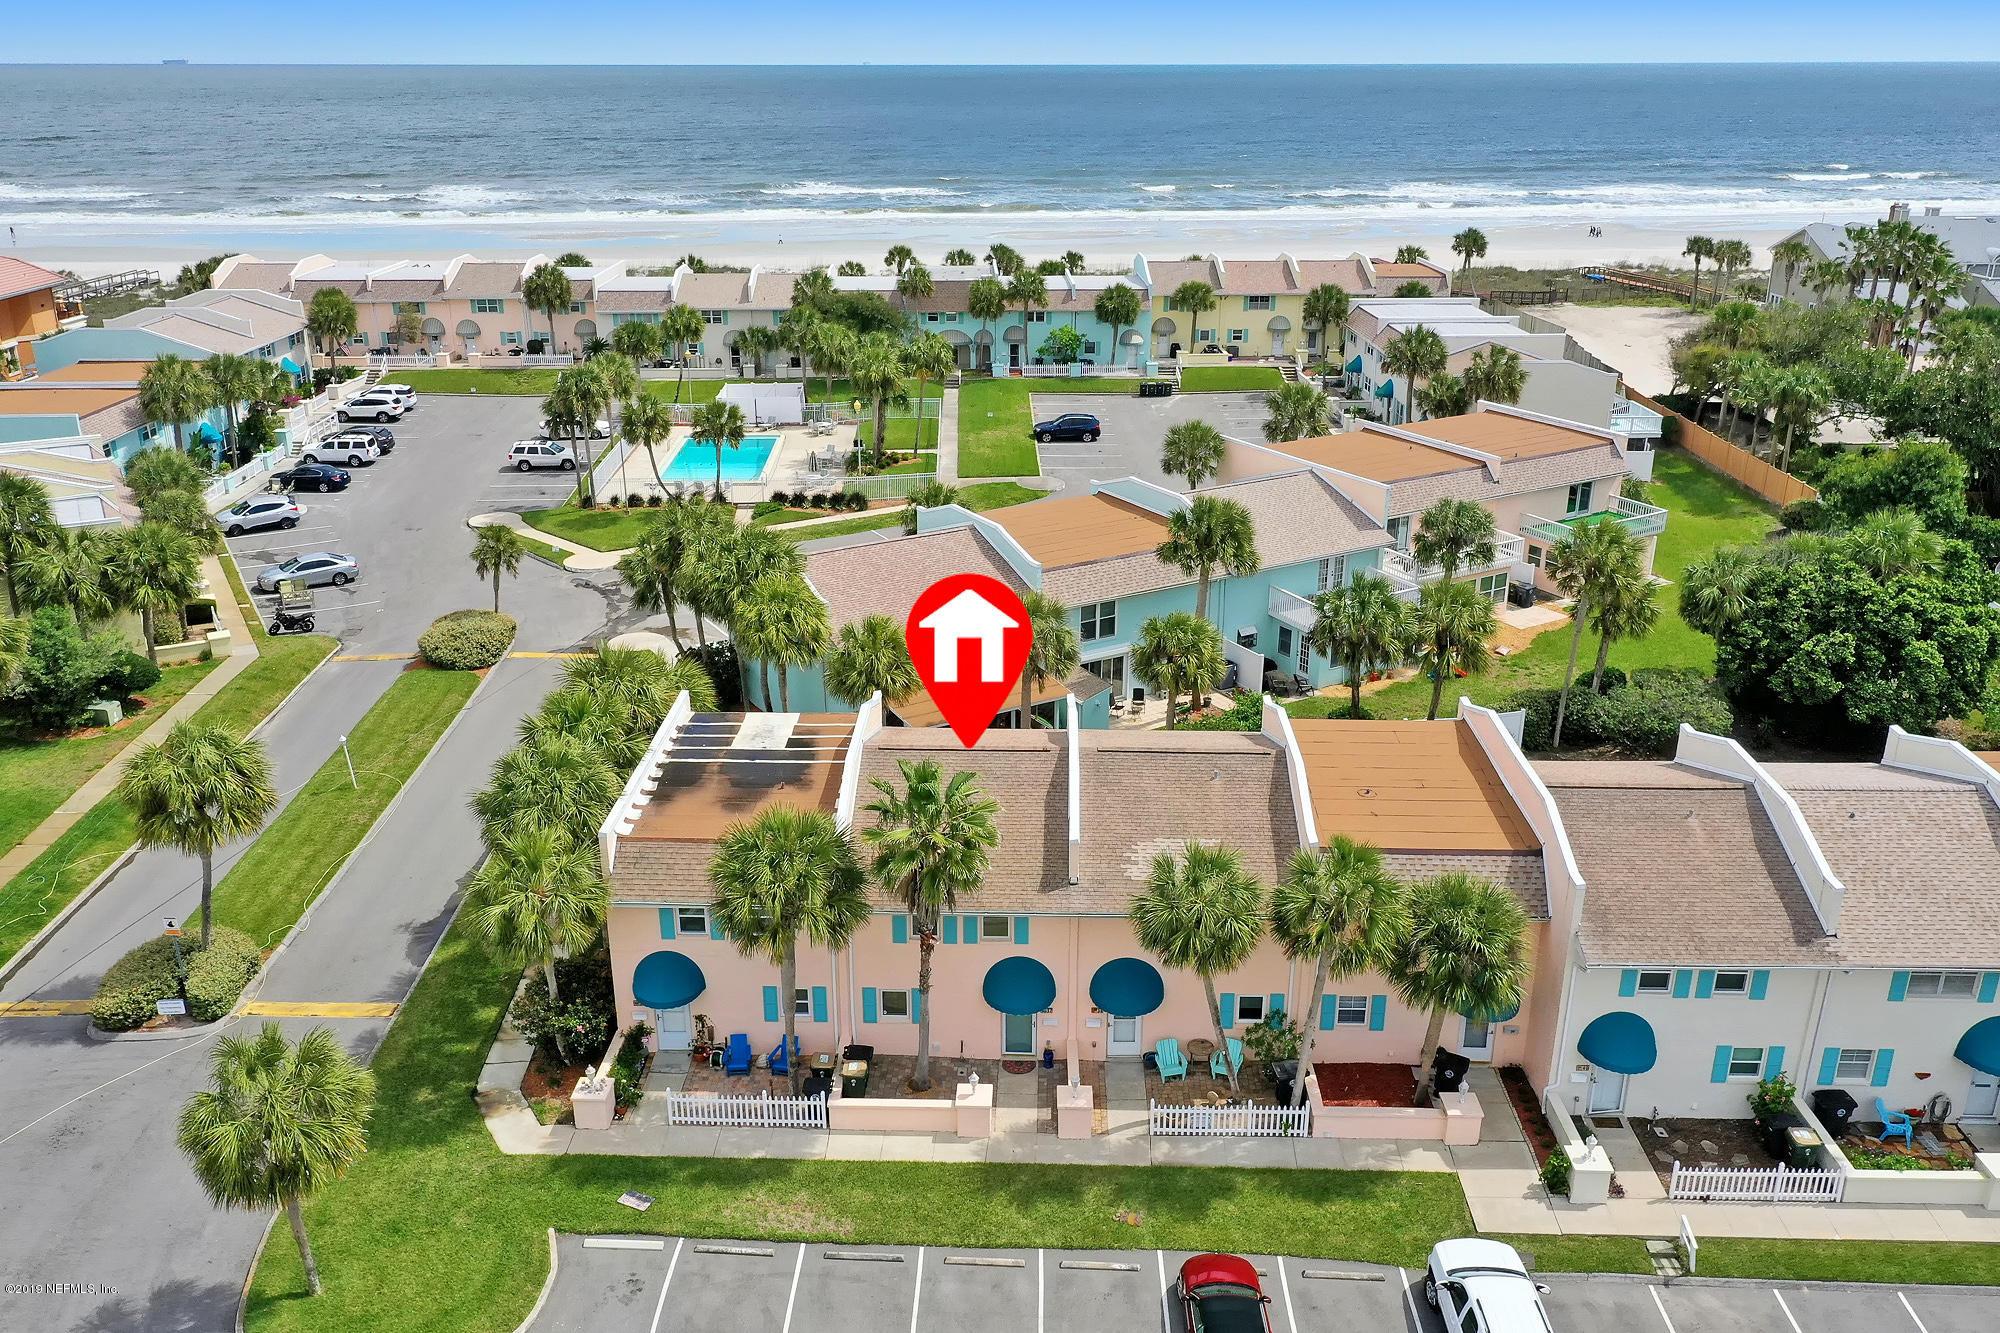 2233 SEMINOLE, ATLANTIC BEACH, FLORIDA 32233, 2 Bedrooms Bedrooms, ,1 BathroomBathrooms,Residential - condos/townhomes,For sale,SEMINOLE,985418